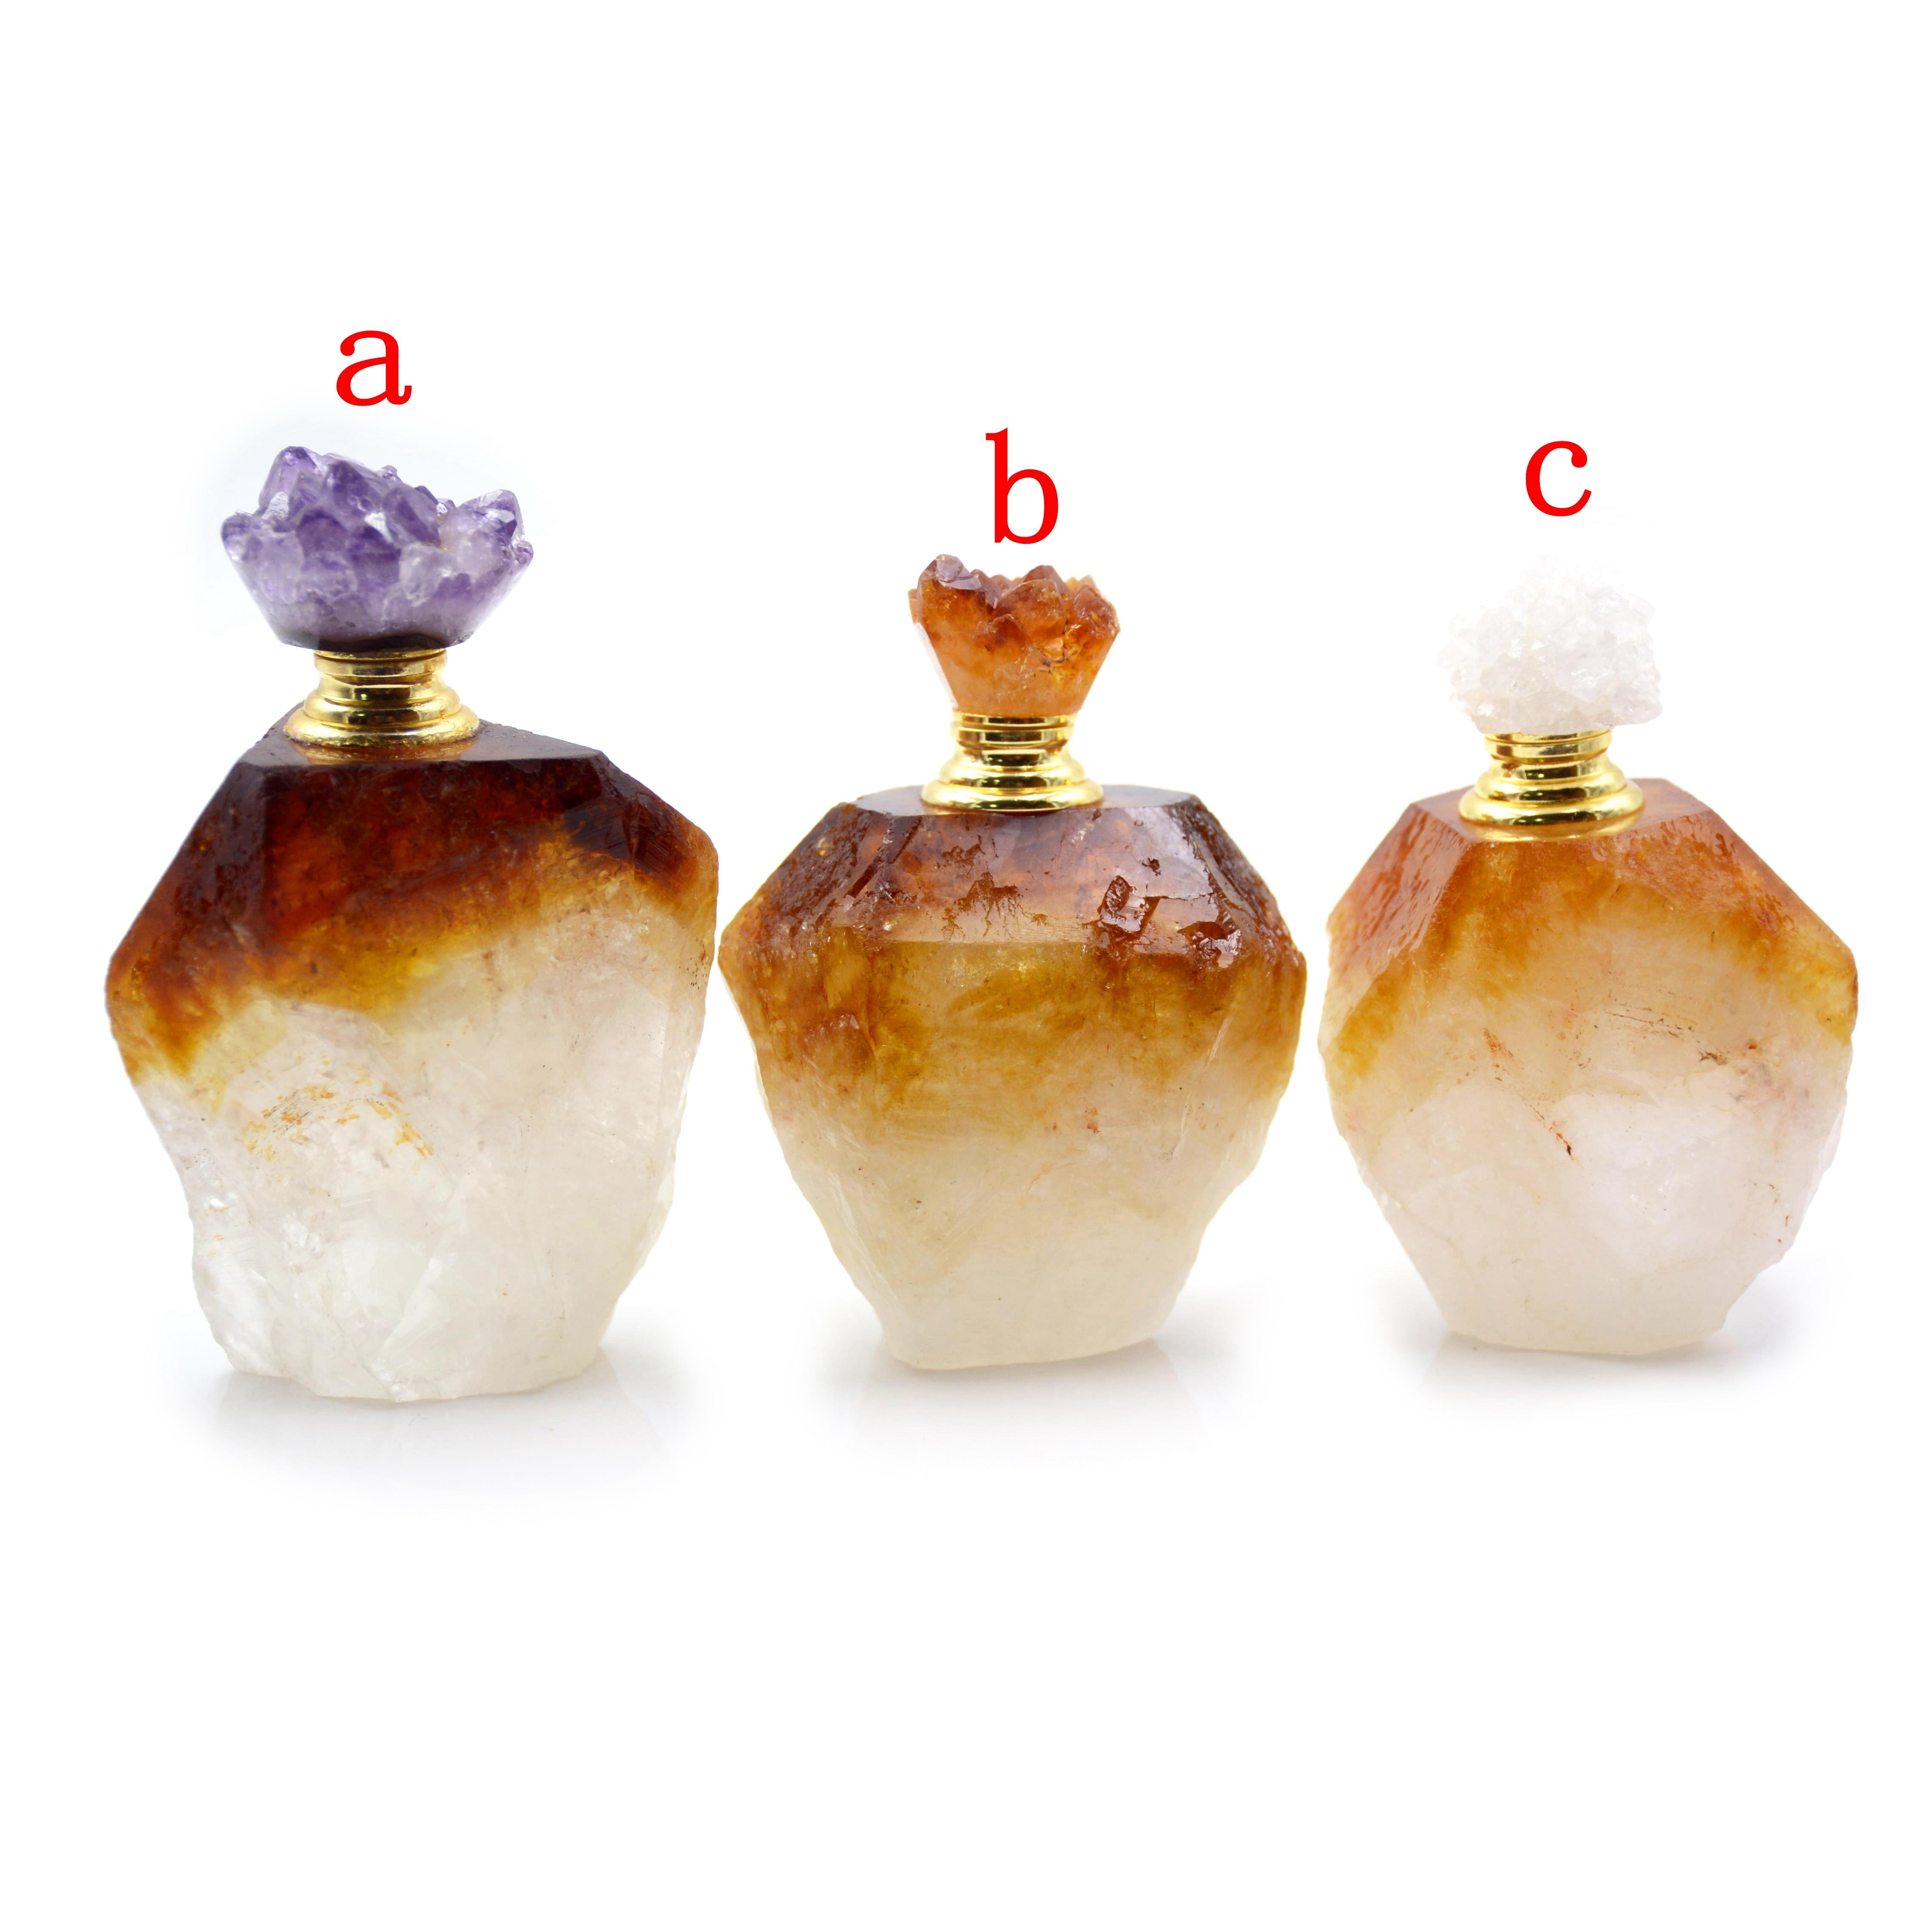 Gemmes naturelles pierre parfum huiles essentielles bouteille brute citrines diffuseur coiffeuse ameublement article chambre parfum décoration - 6